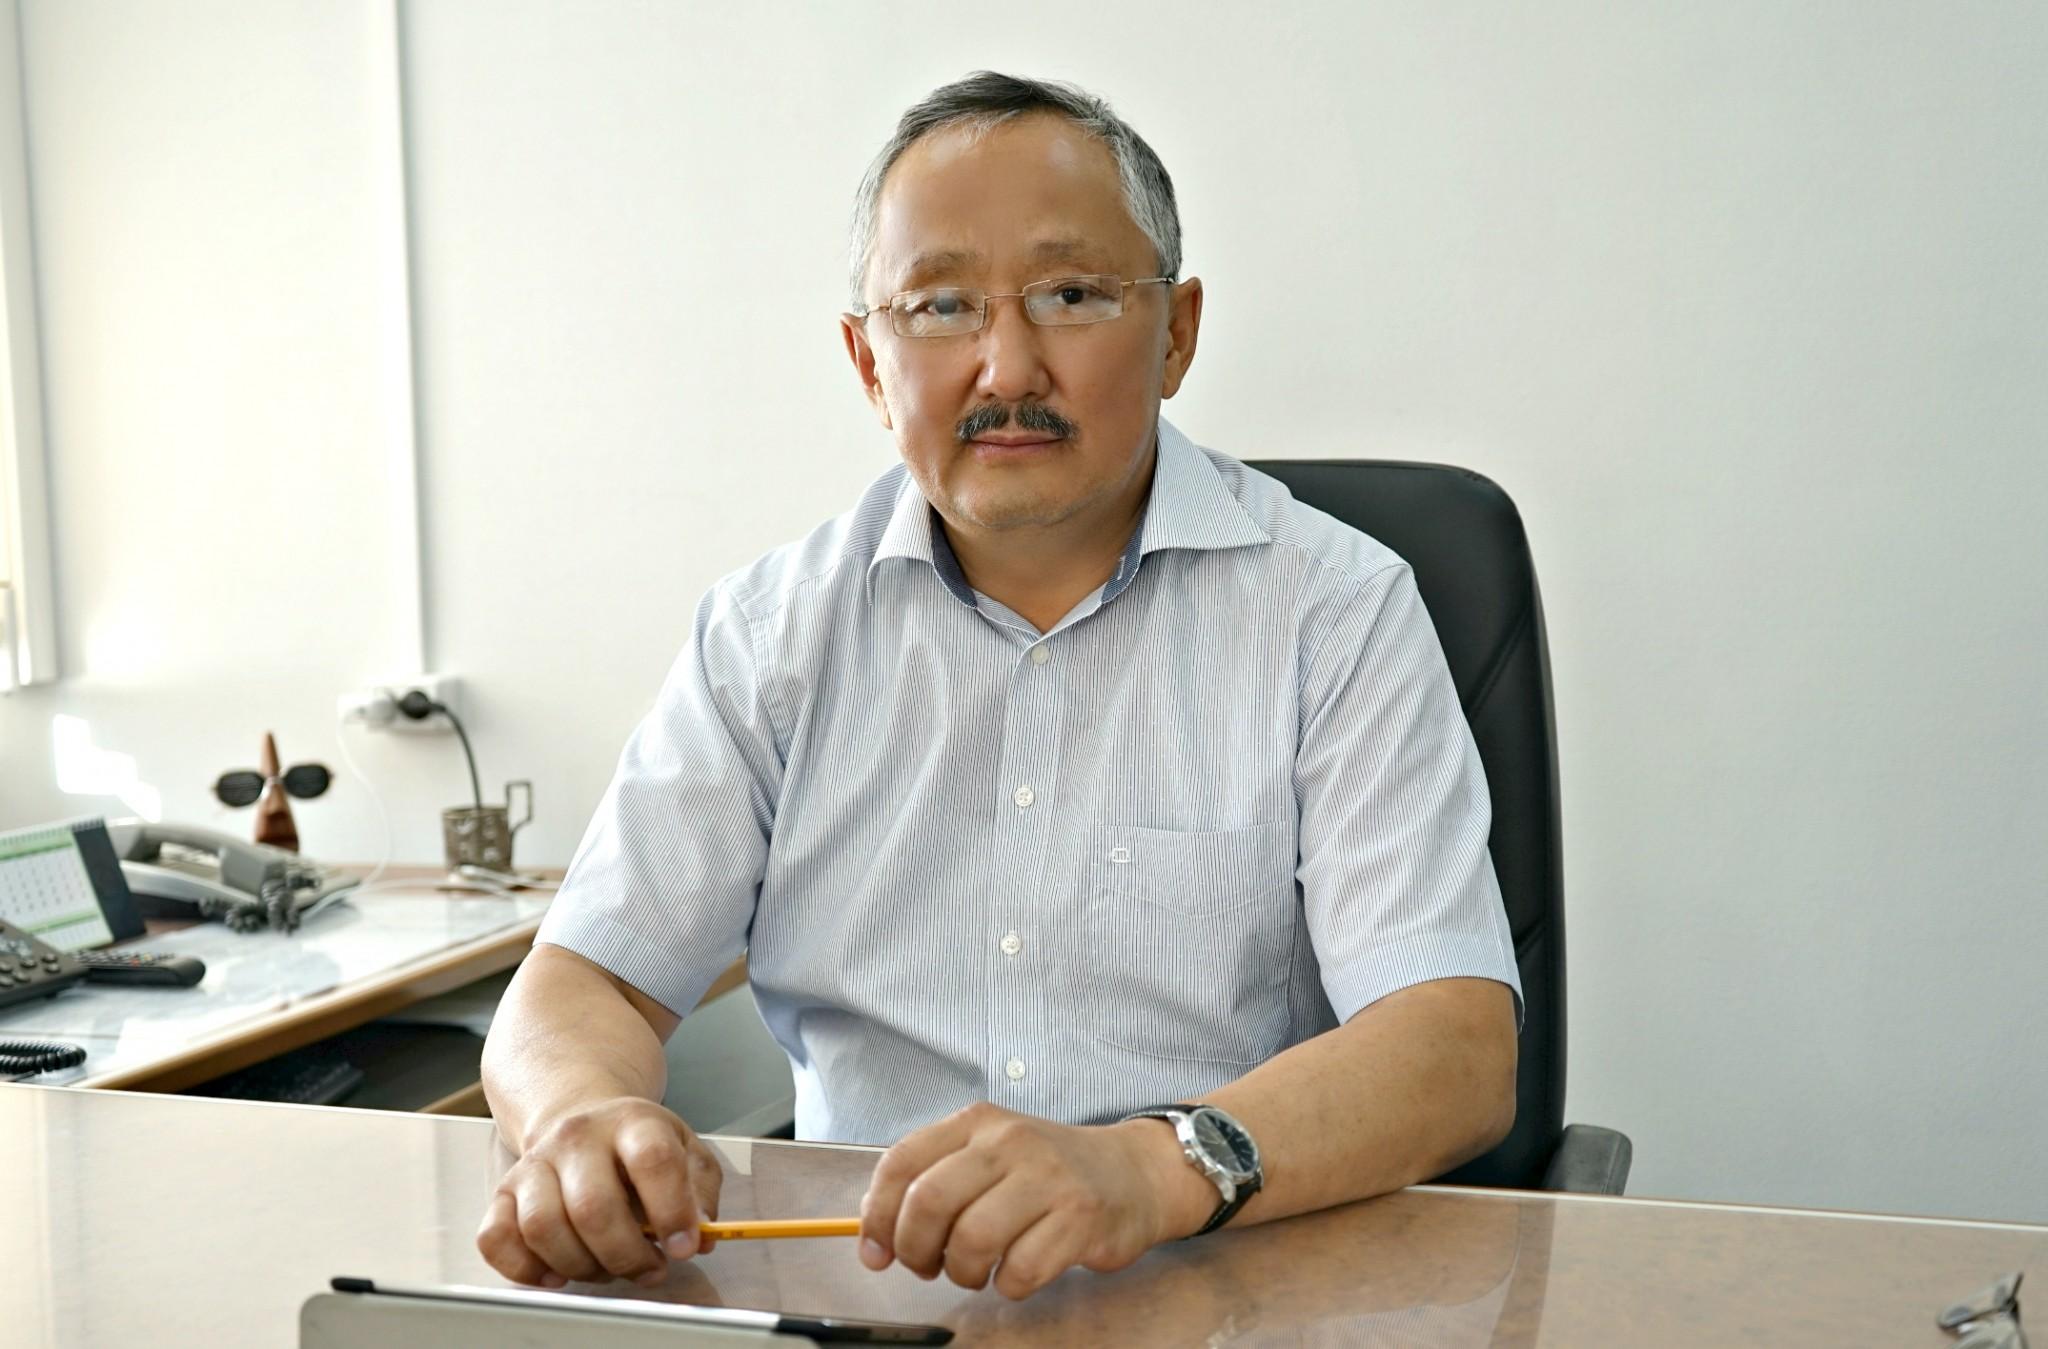 За 2020 год уровень безработицы в Якутии увеличился на 0,4%